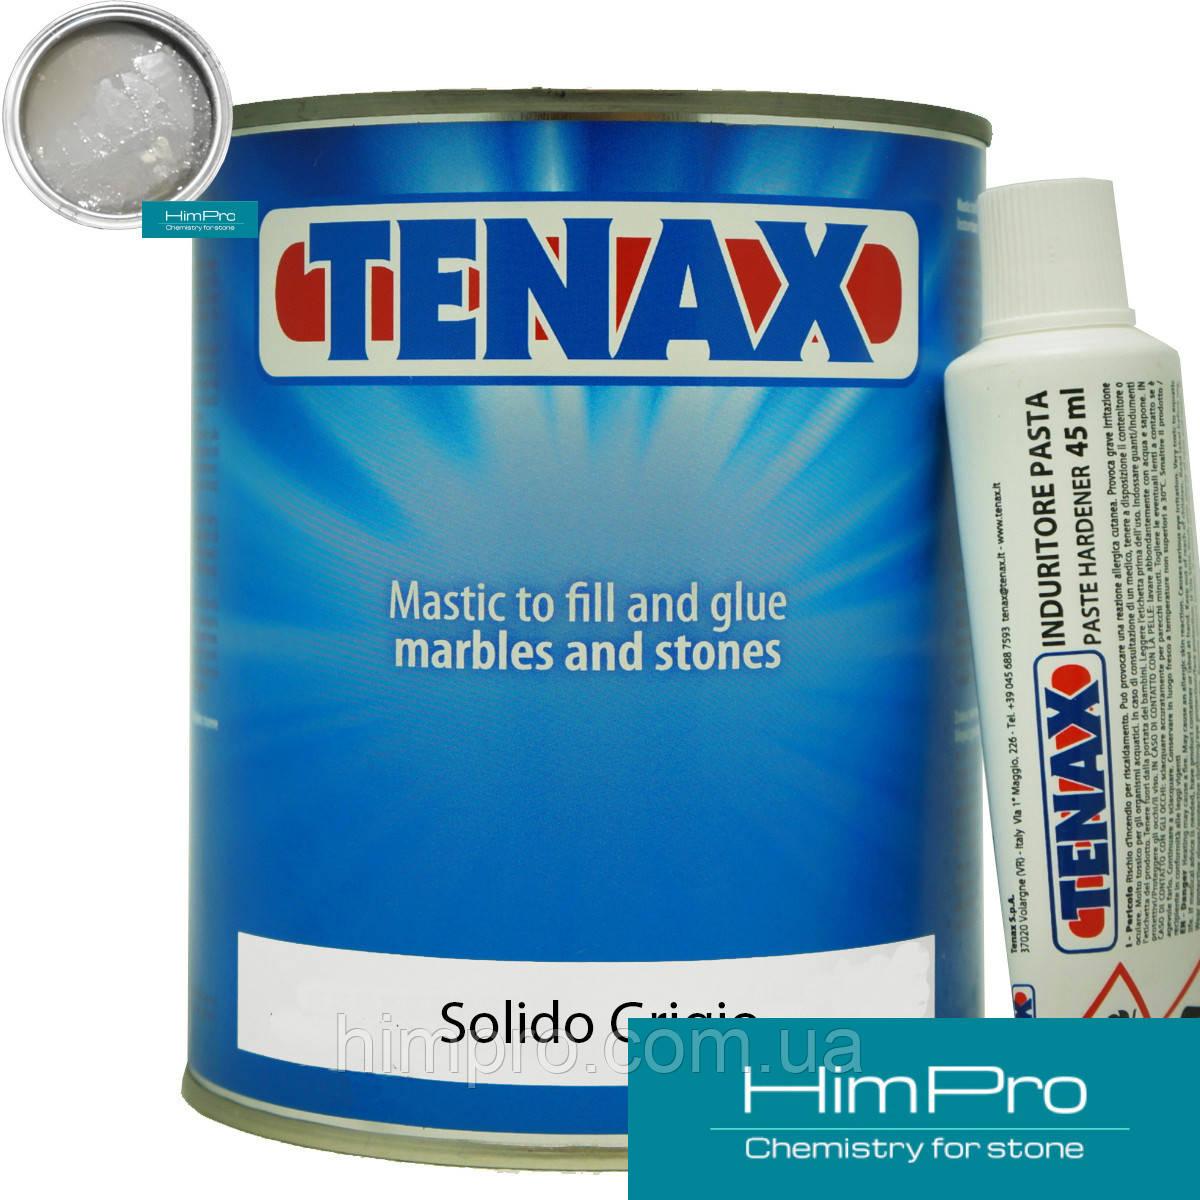 Solido Grigio1L Tenax  полиэфирный двух-компонентный клей (серый 1.7кг)